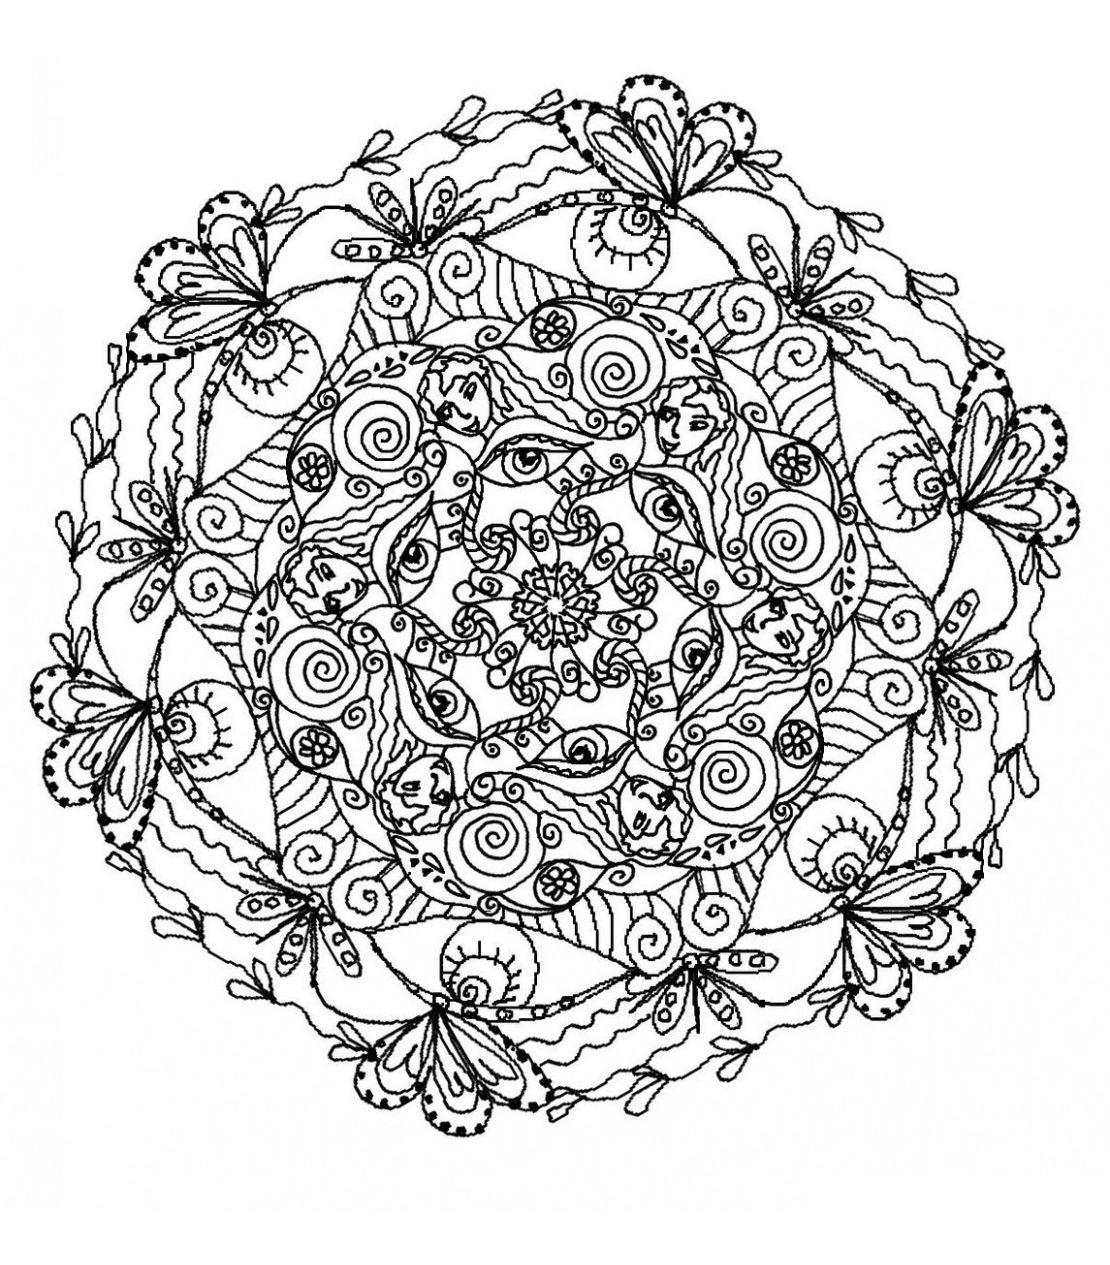 Coloriage Mandala Complique.Pour Imprimer Ce Coloriage Gratuit Coloriage Mandala Difficile 5